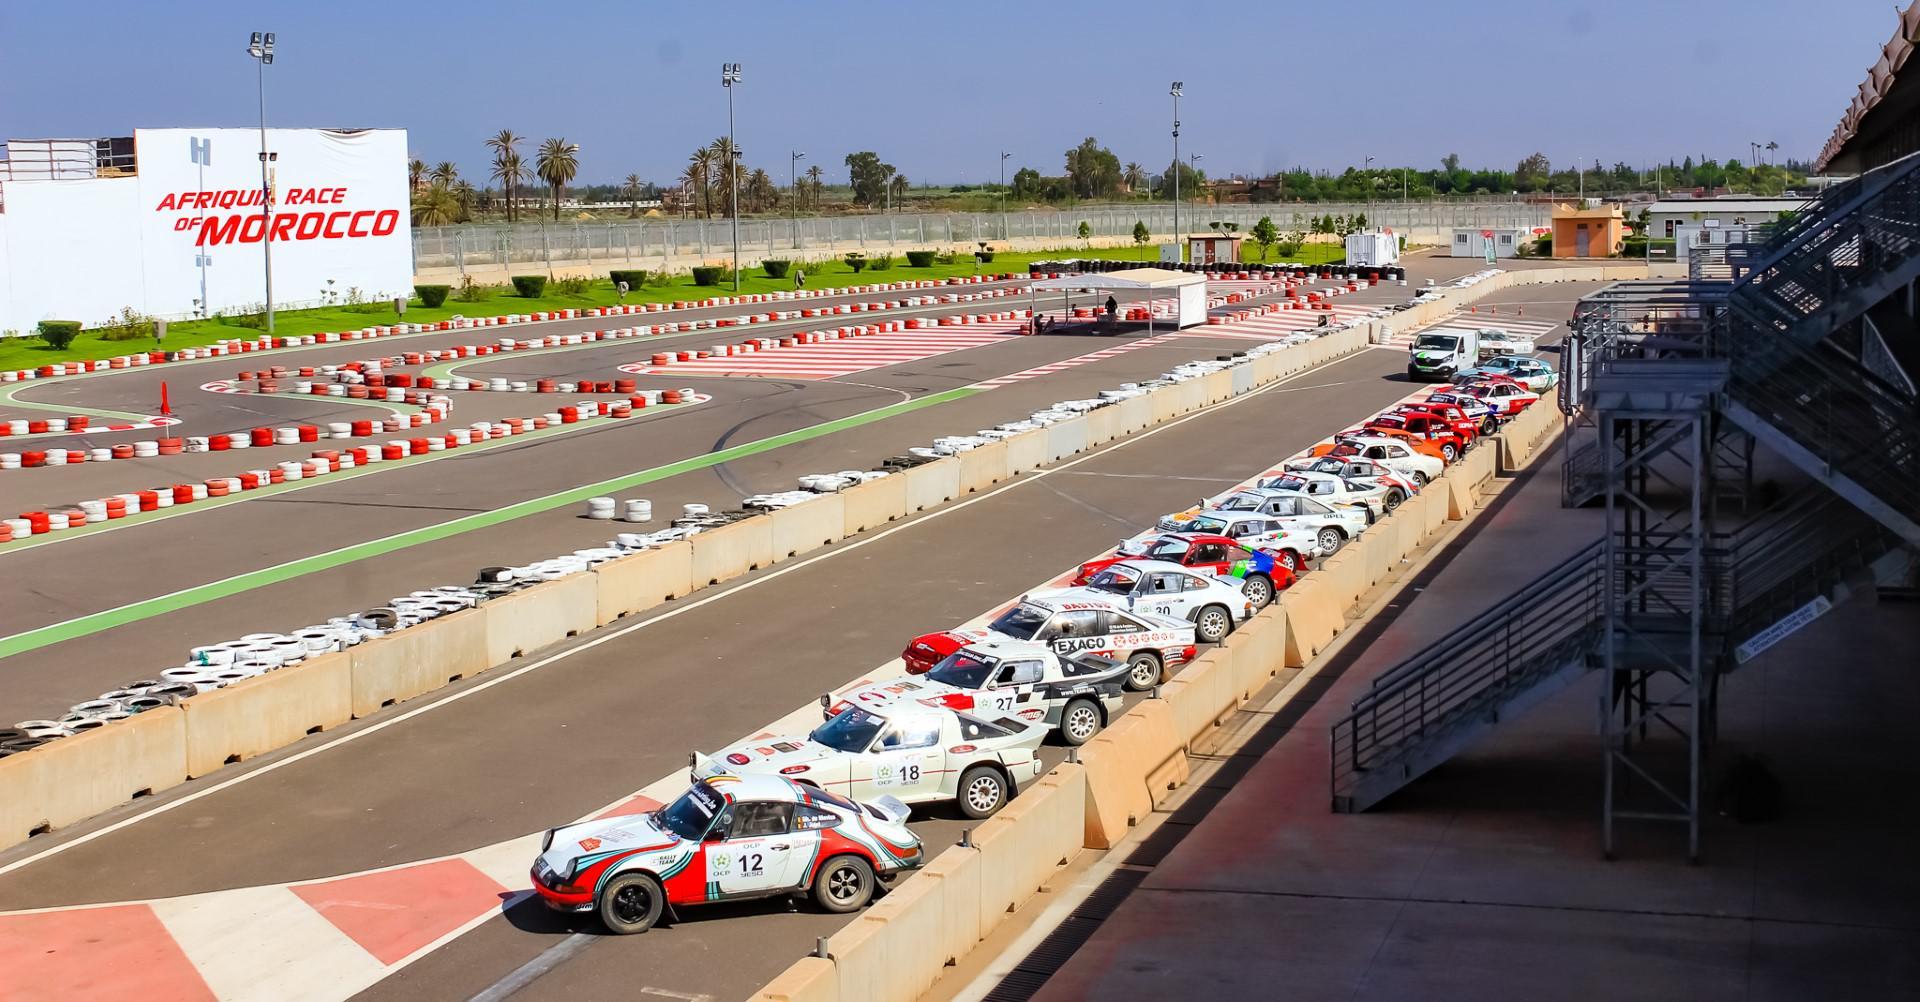 maroc-historic-rally-mhr-2018-victoire-de-deveza-827-4.jpg